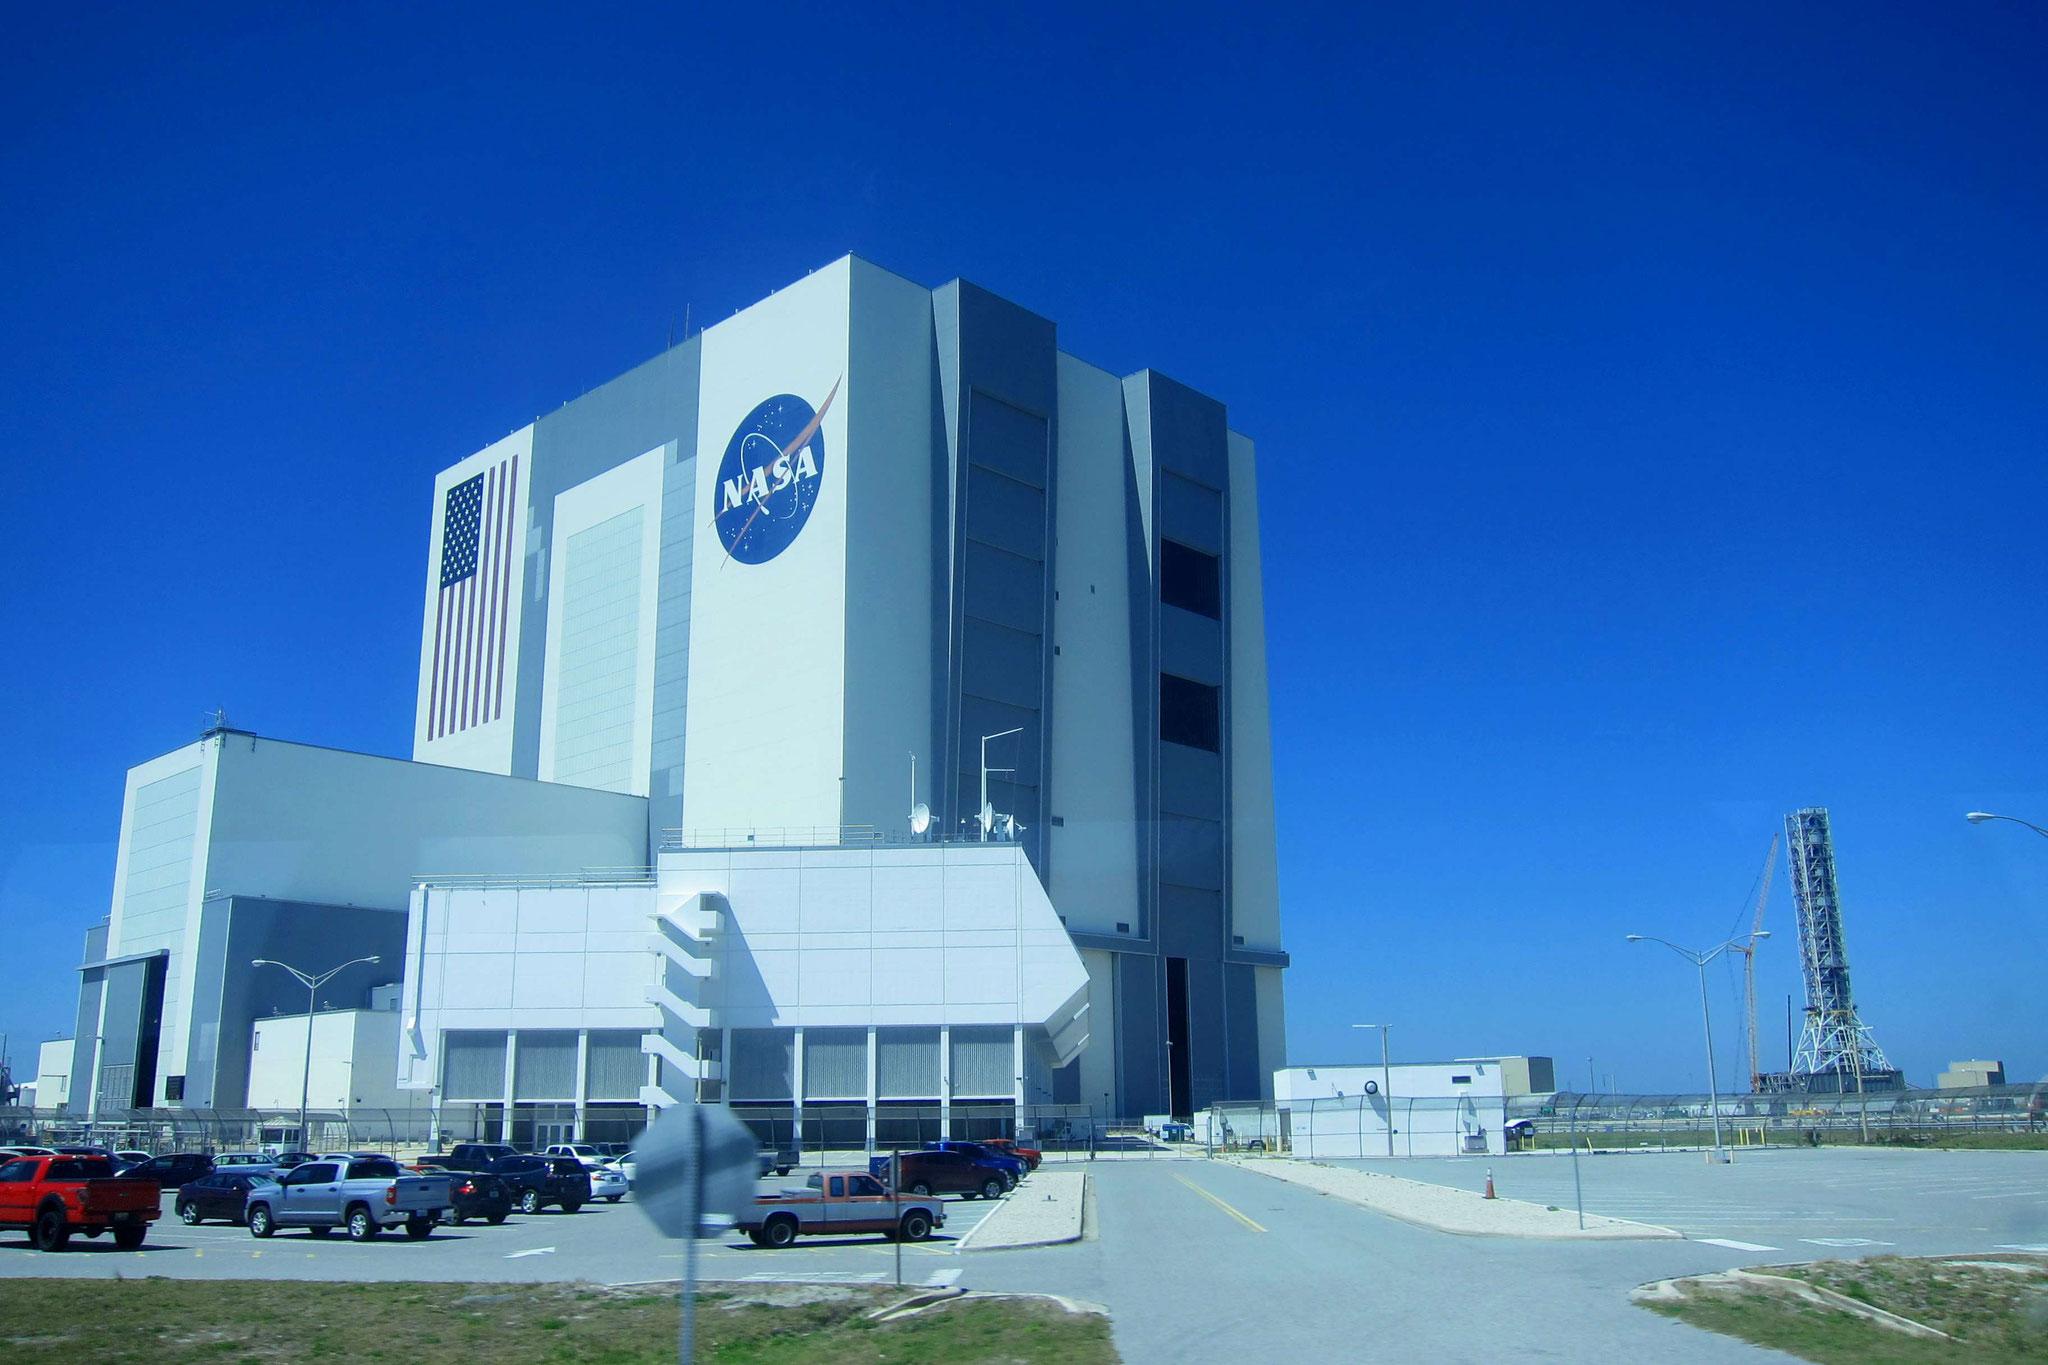 """Das Wahrzeichen des Kennedy Space Centers - das Montagegebäude für Raketen mit 160 Metern, die """"assembly hall"""""""